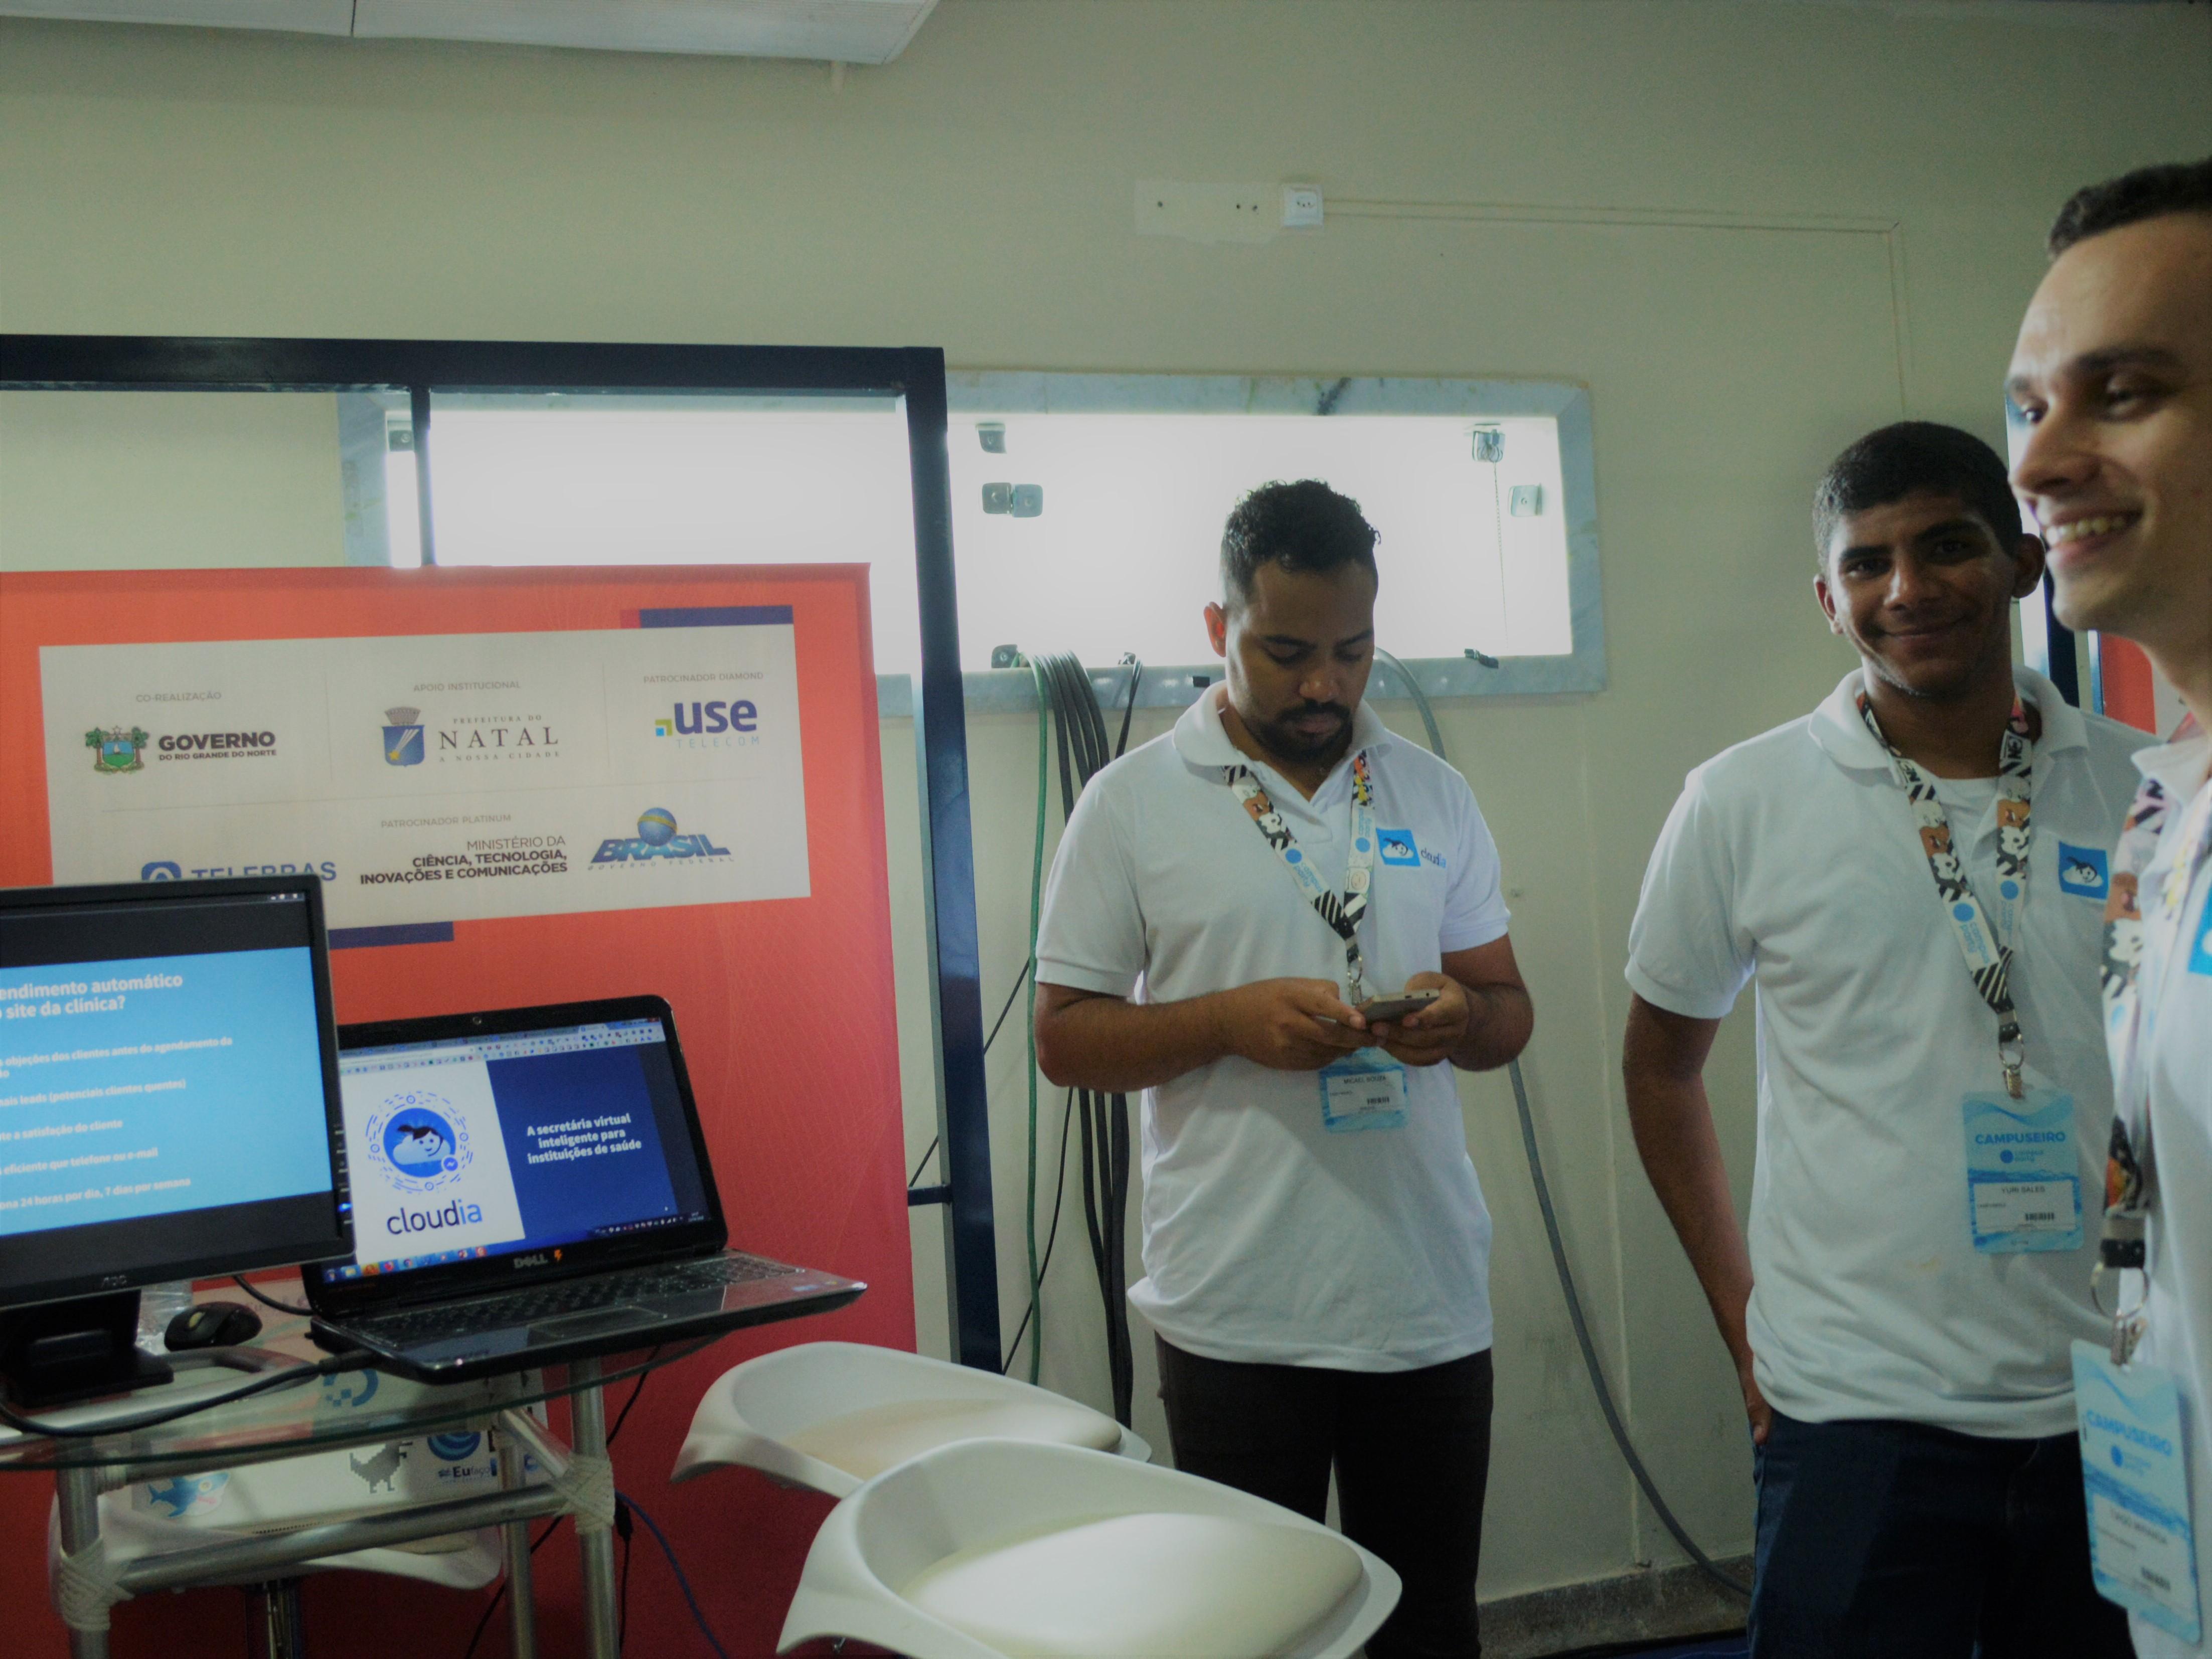 Startups de Pernambuco e Rio Grande do Norte apresentam trabalhos na Campus Party